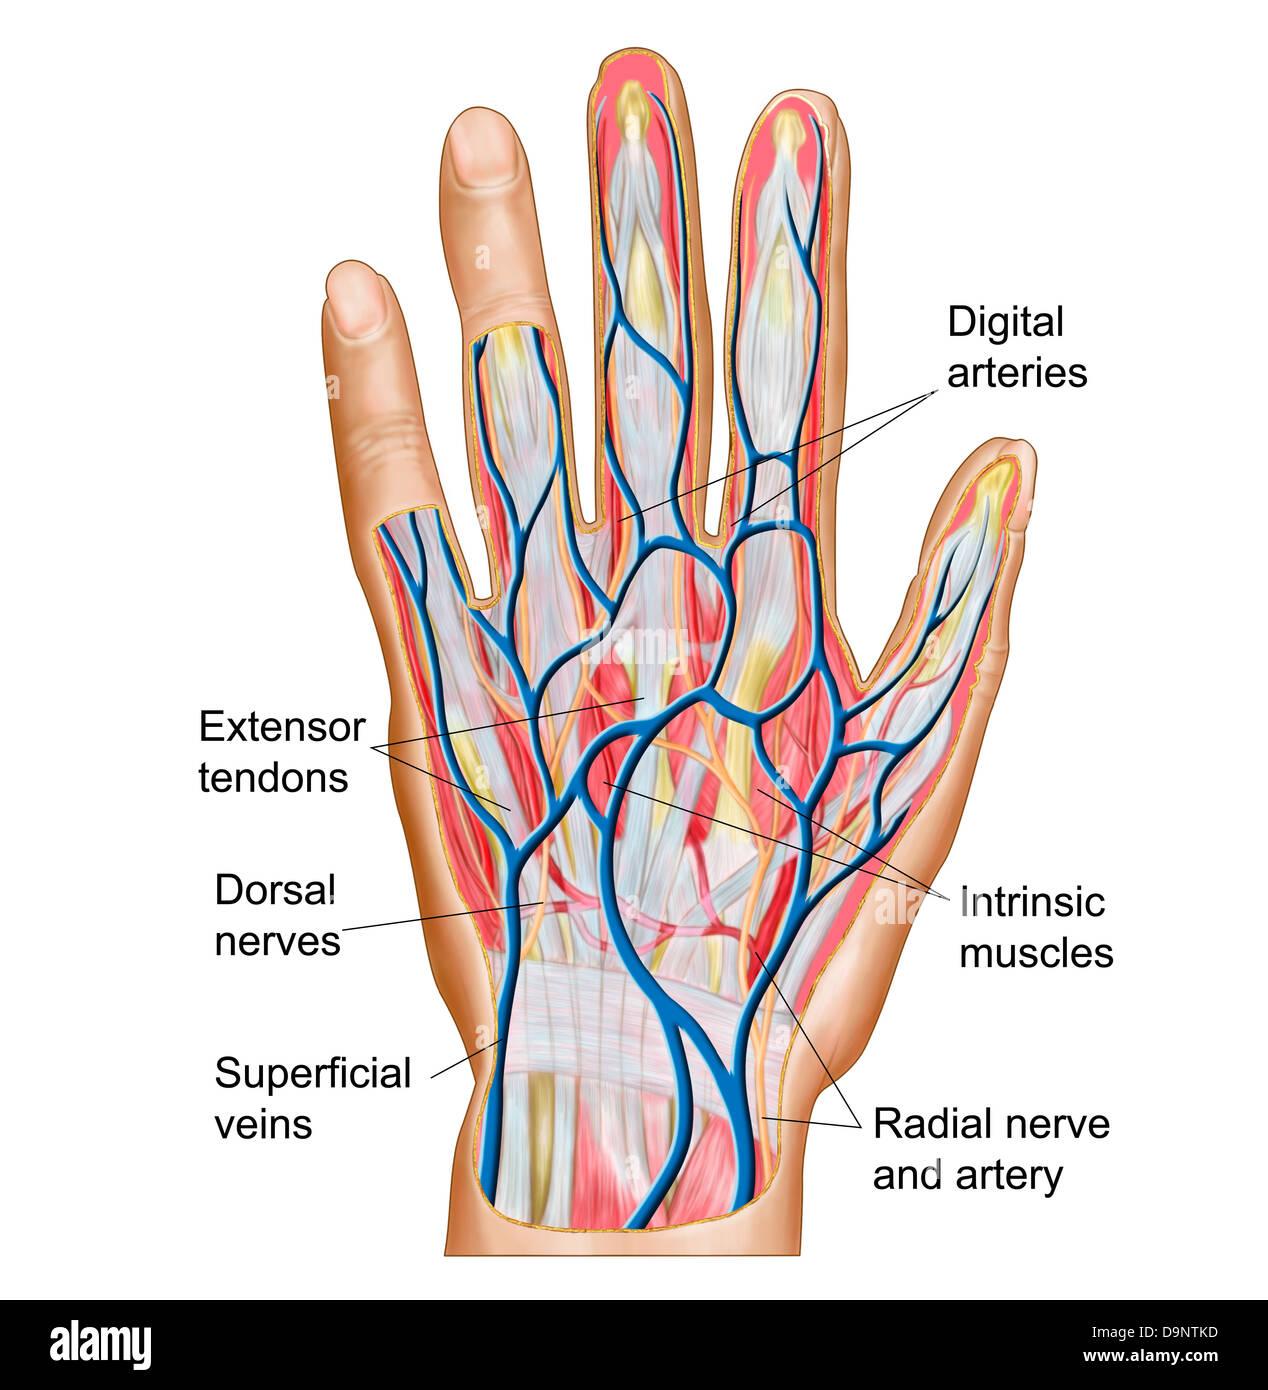 Anatomie des menschlichen Handrücken Stockfoto, Bild: 57643361 - Alamy